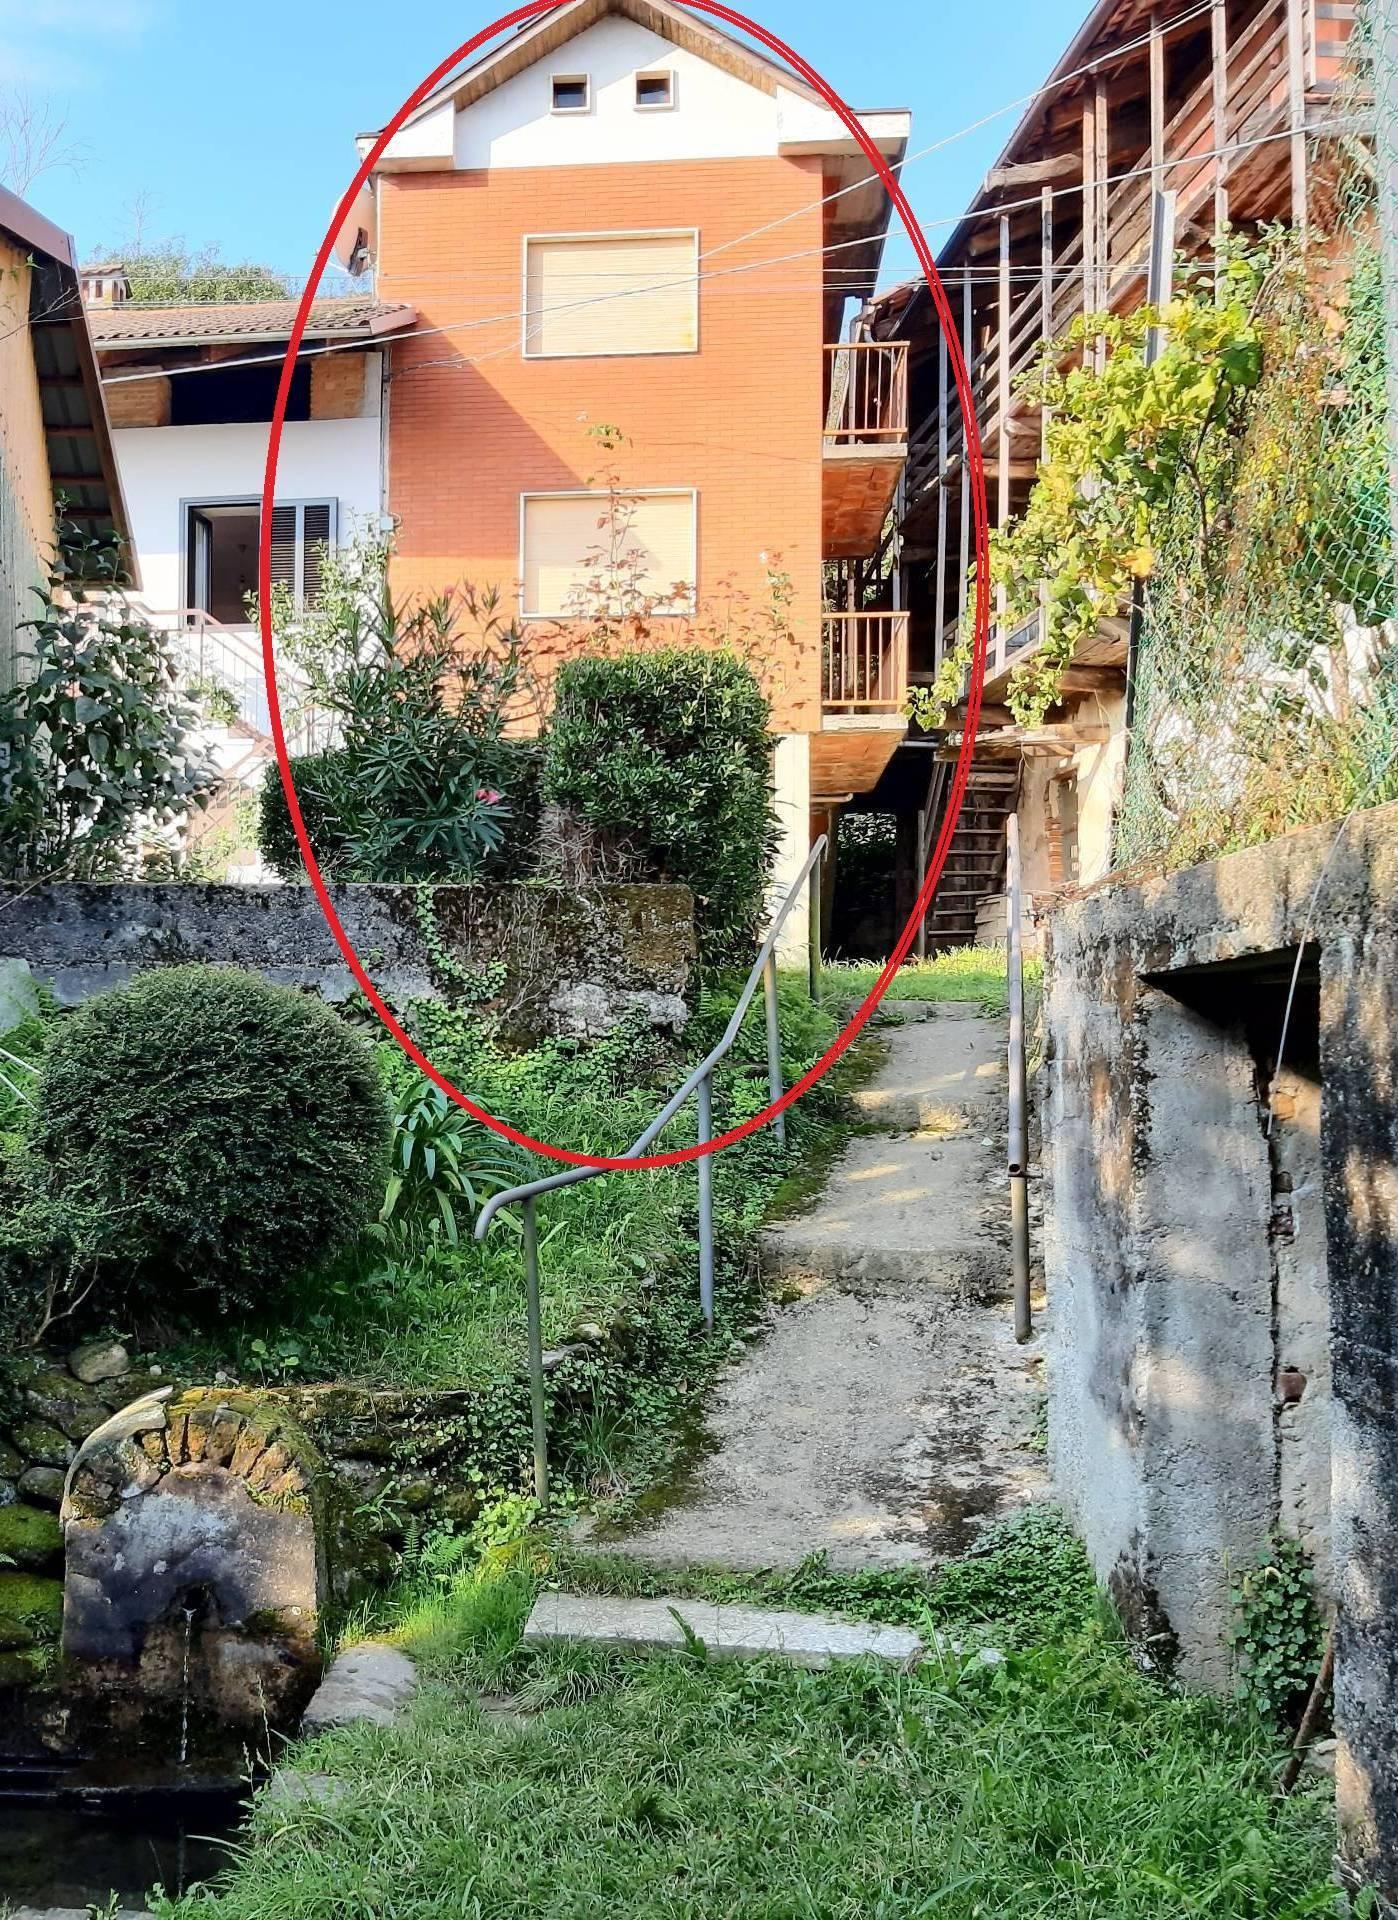 Soluzione Indipendente in vendita a Rocca Canavese, 4 locali, zona Località: Borgata, prezzo € 18.000 | PortaleAgenzieImmobiliari.it